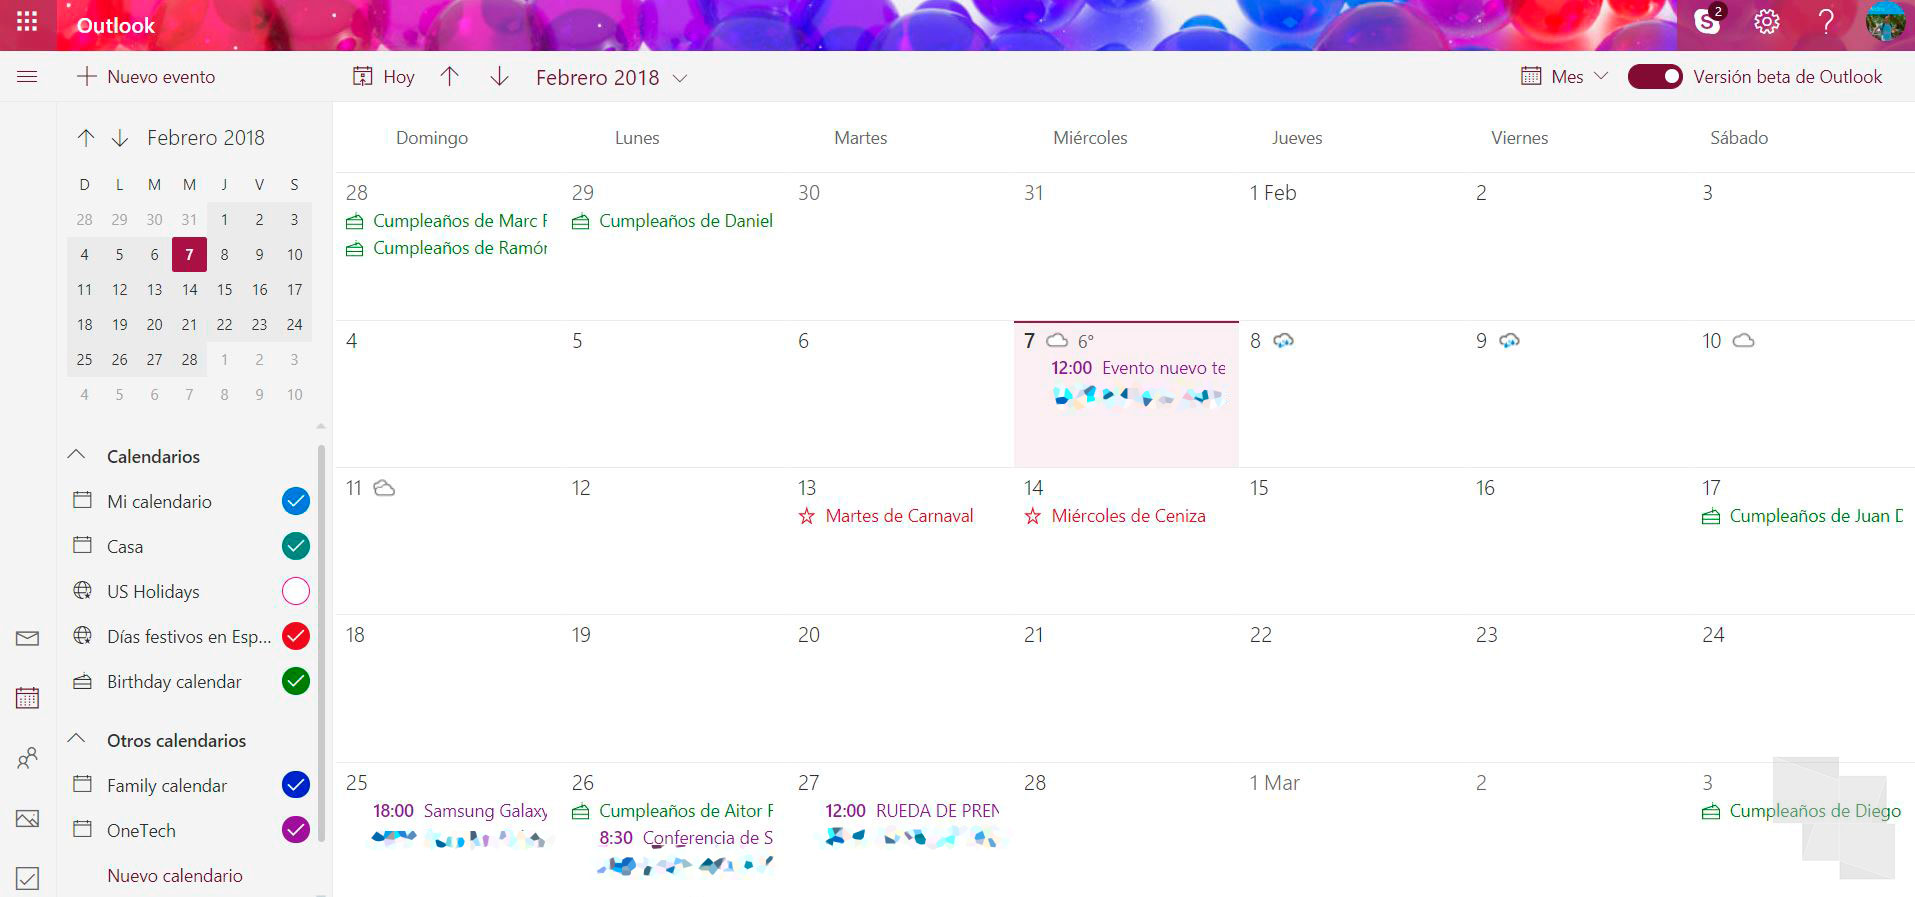 El calendario de Outlook.com ya cuenta con la opción de probar su beta